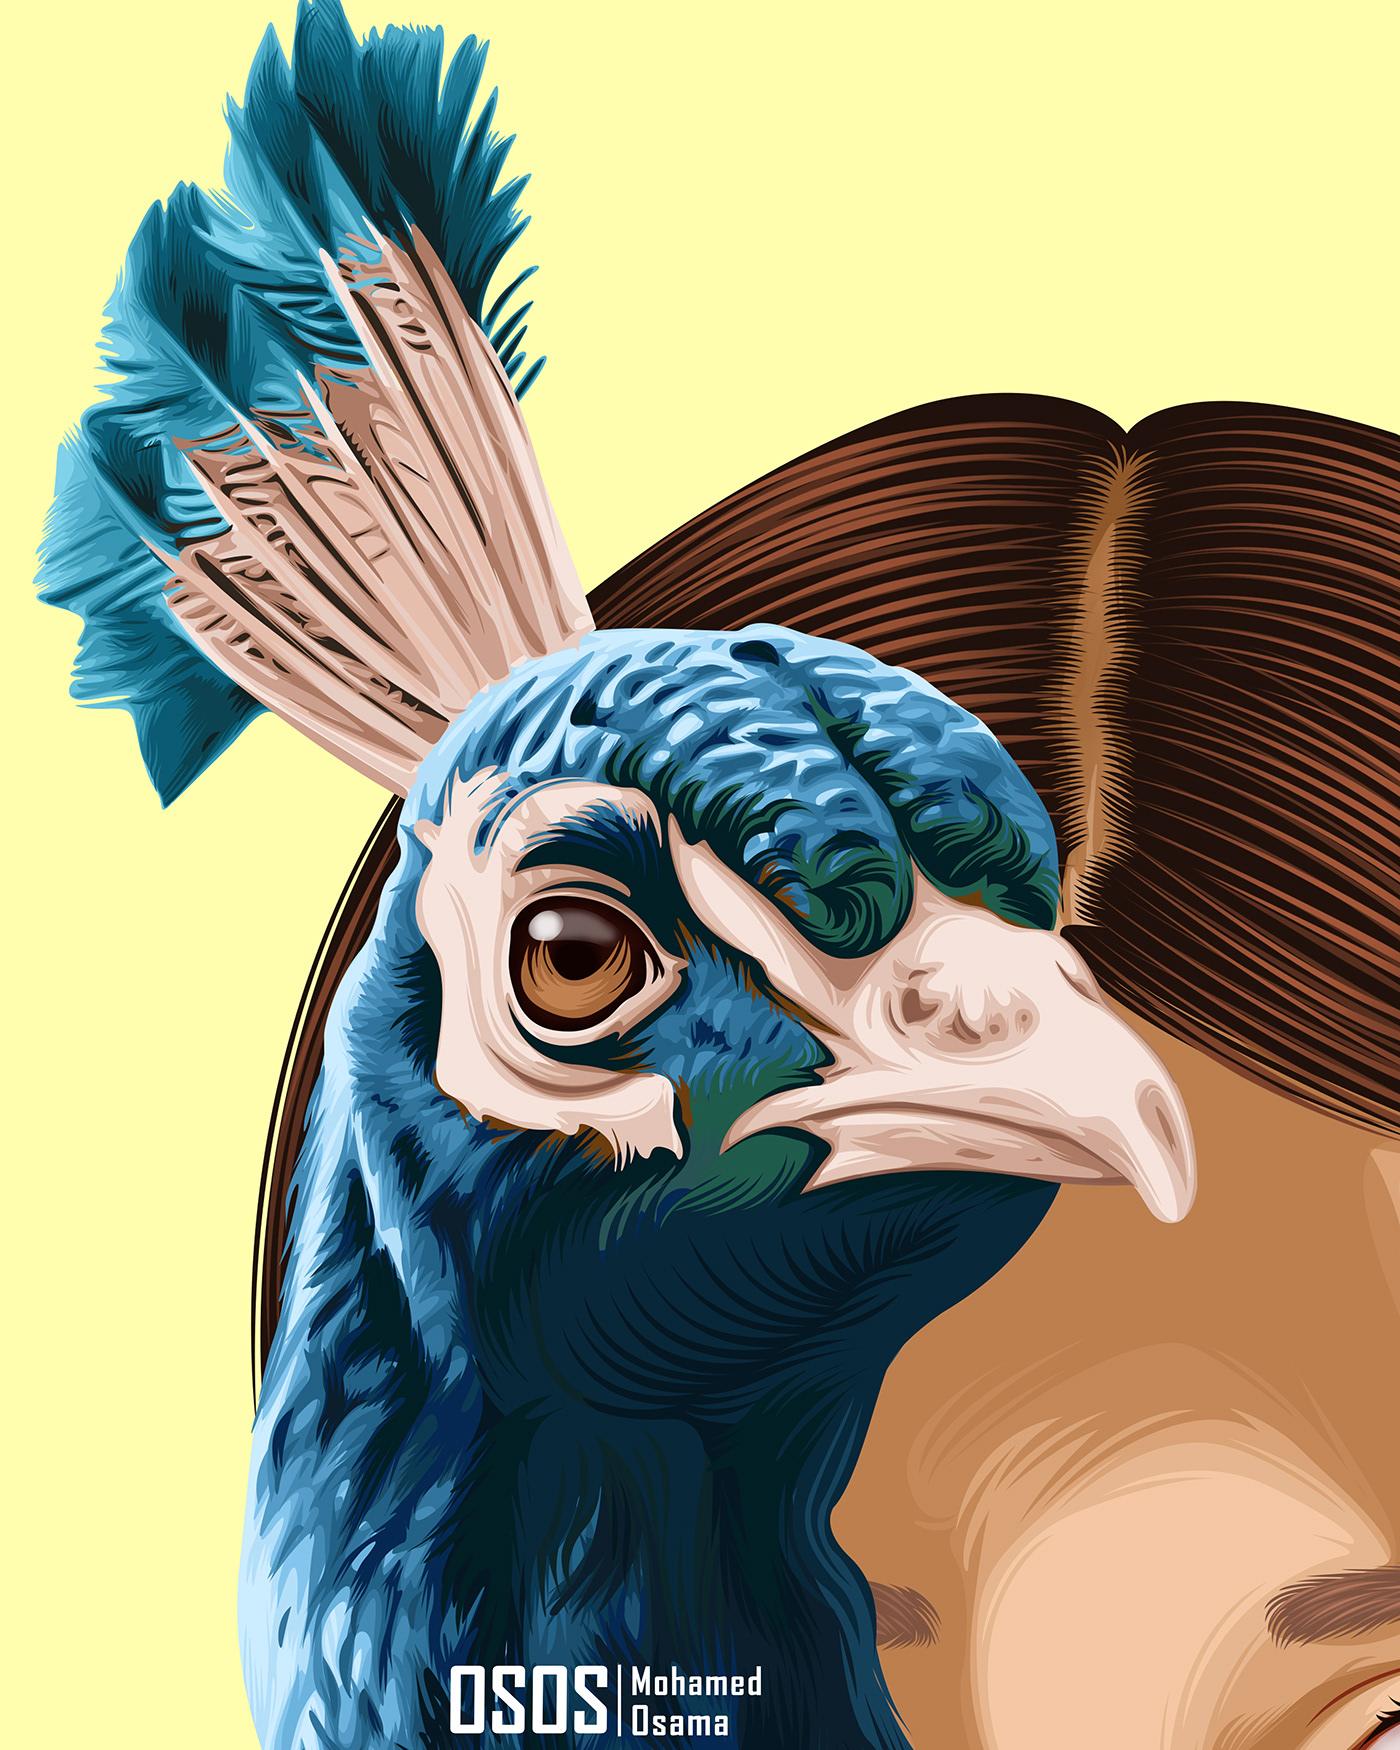 Image may contain: cartoon, bird and drawing